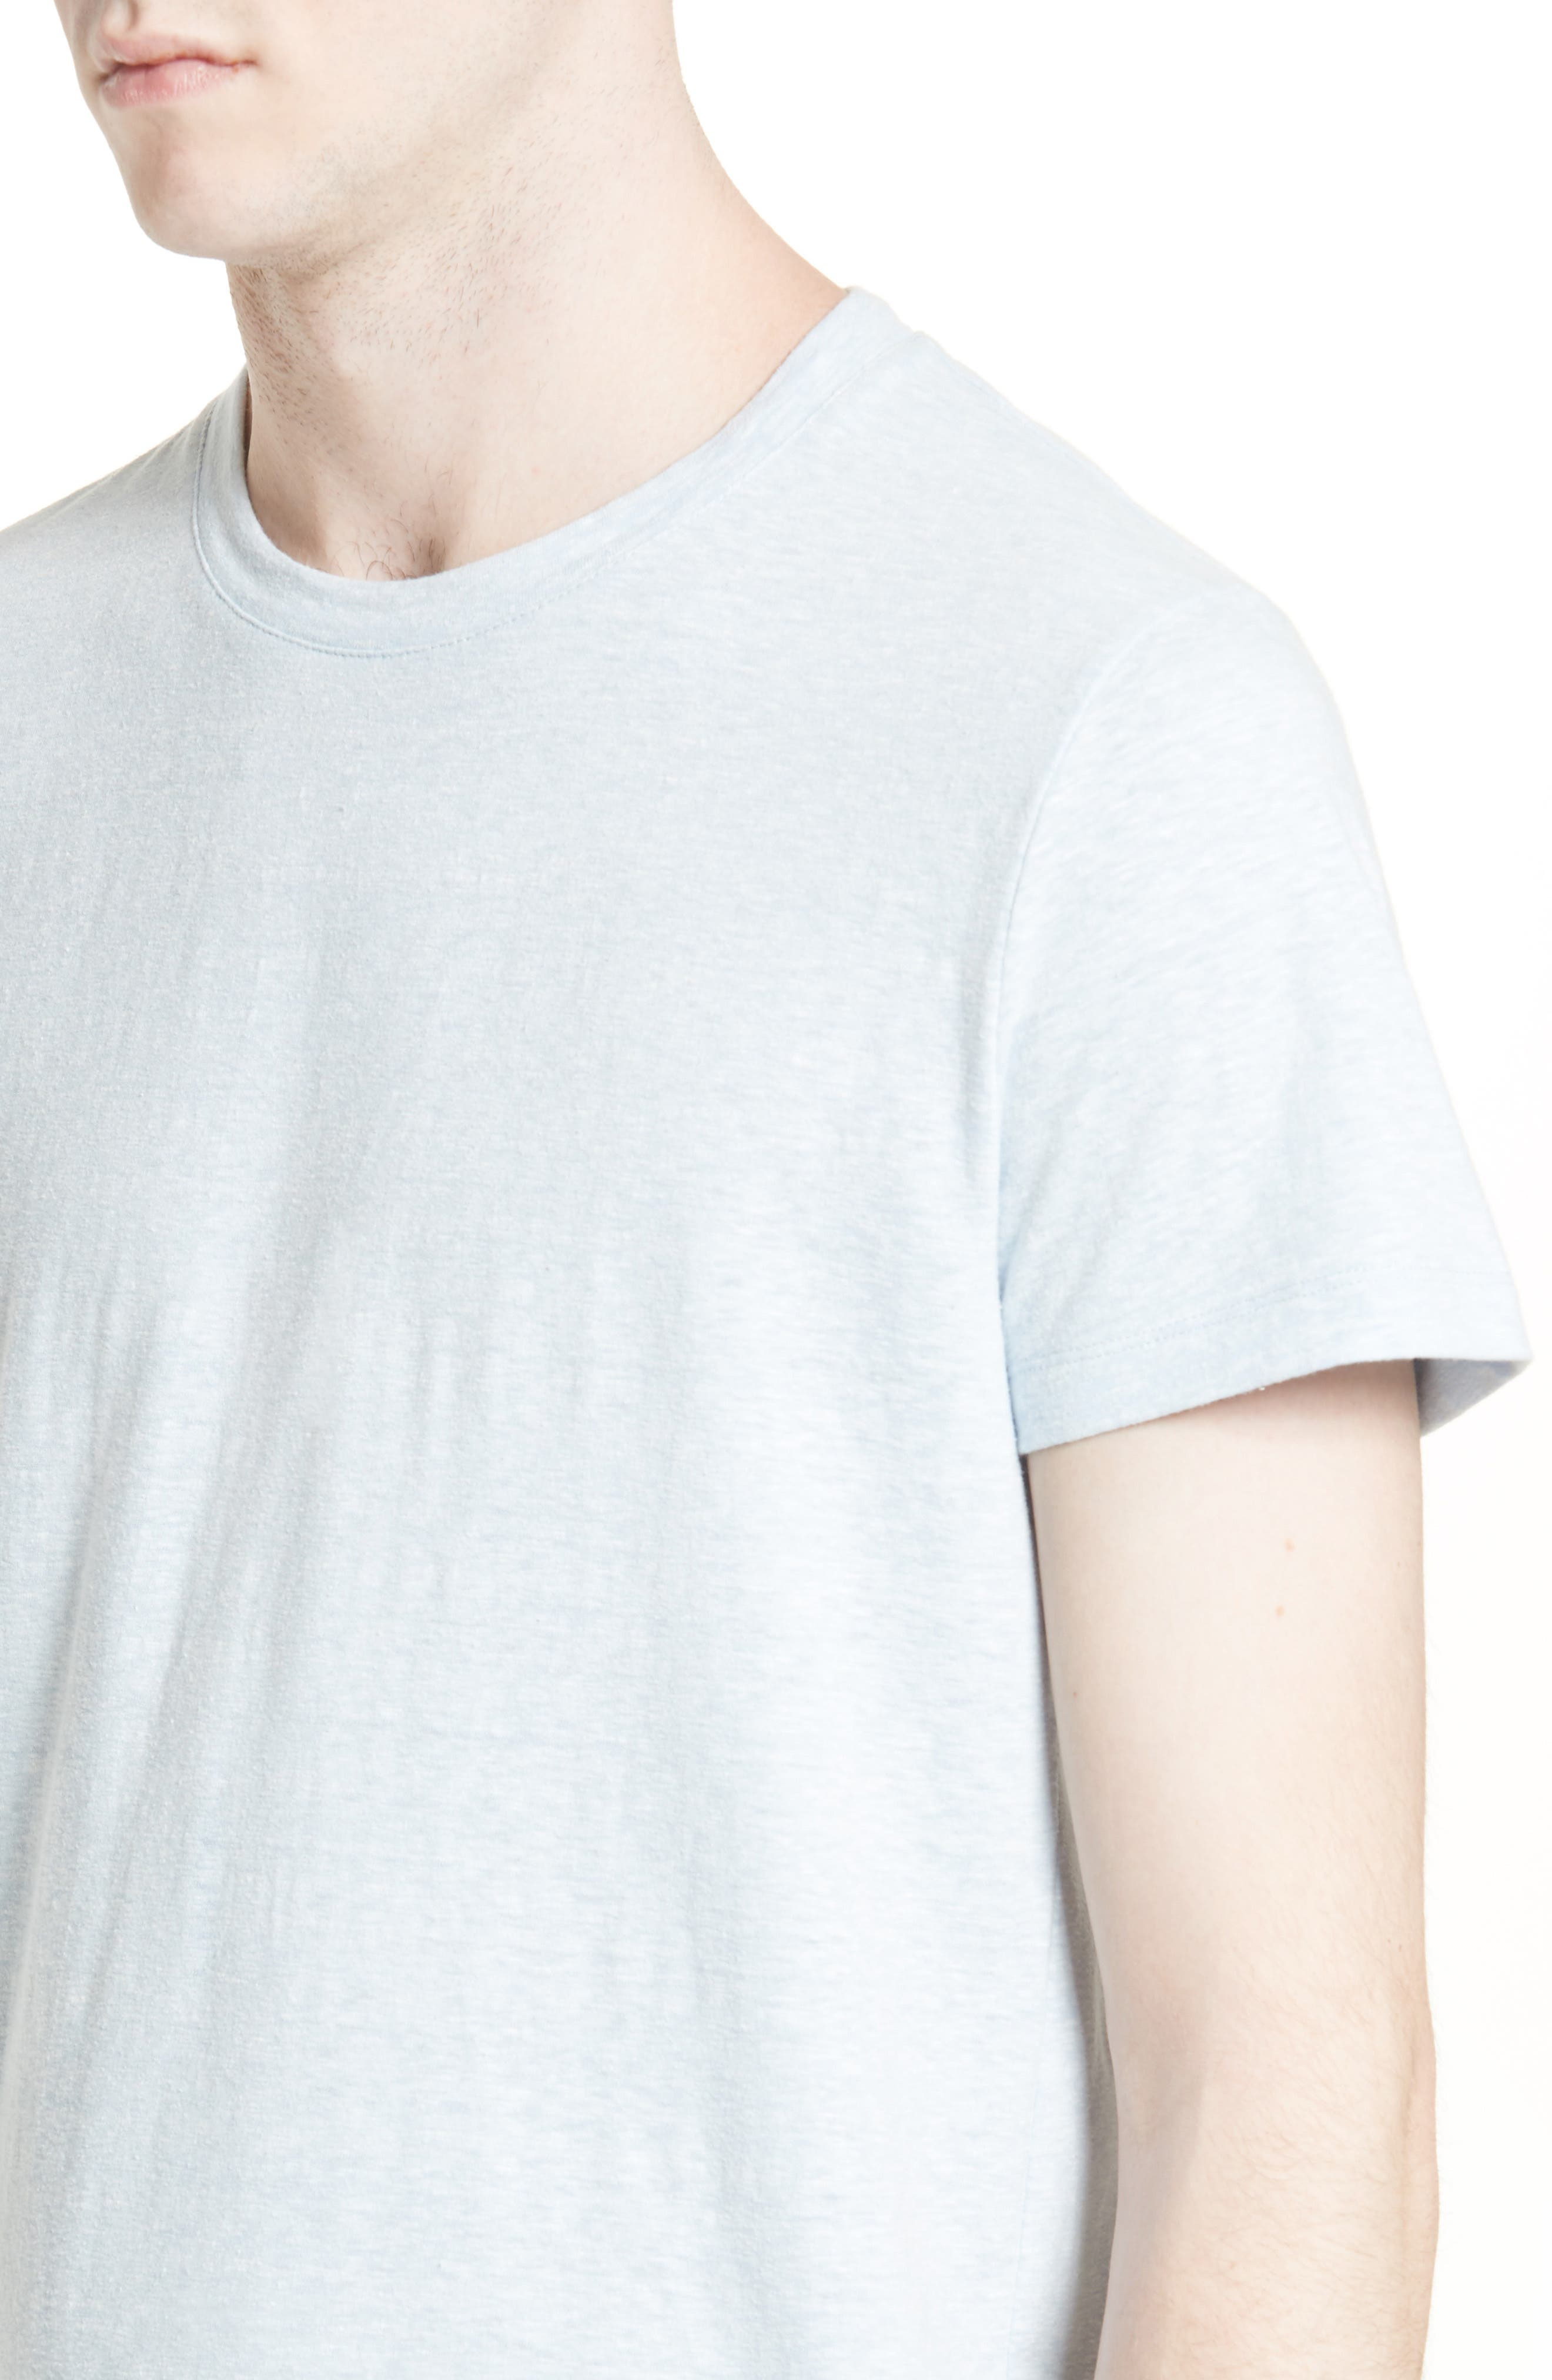 Jimmy T-Shirt,                             Alternate thumbnail 4, color,                             400